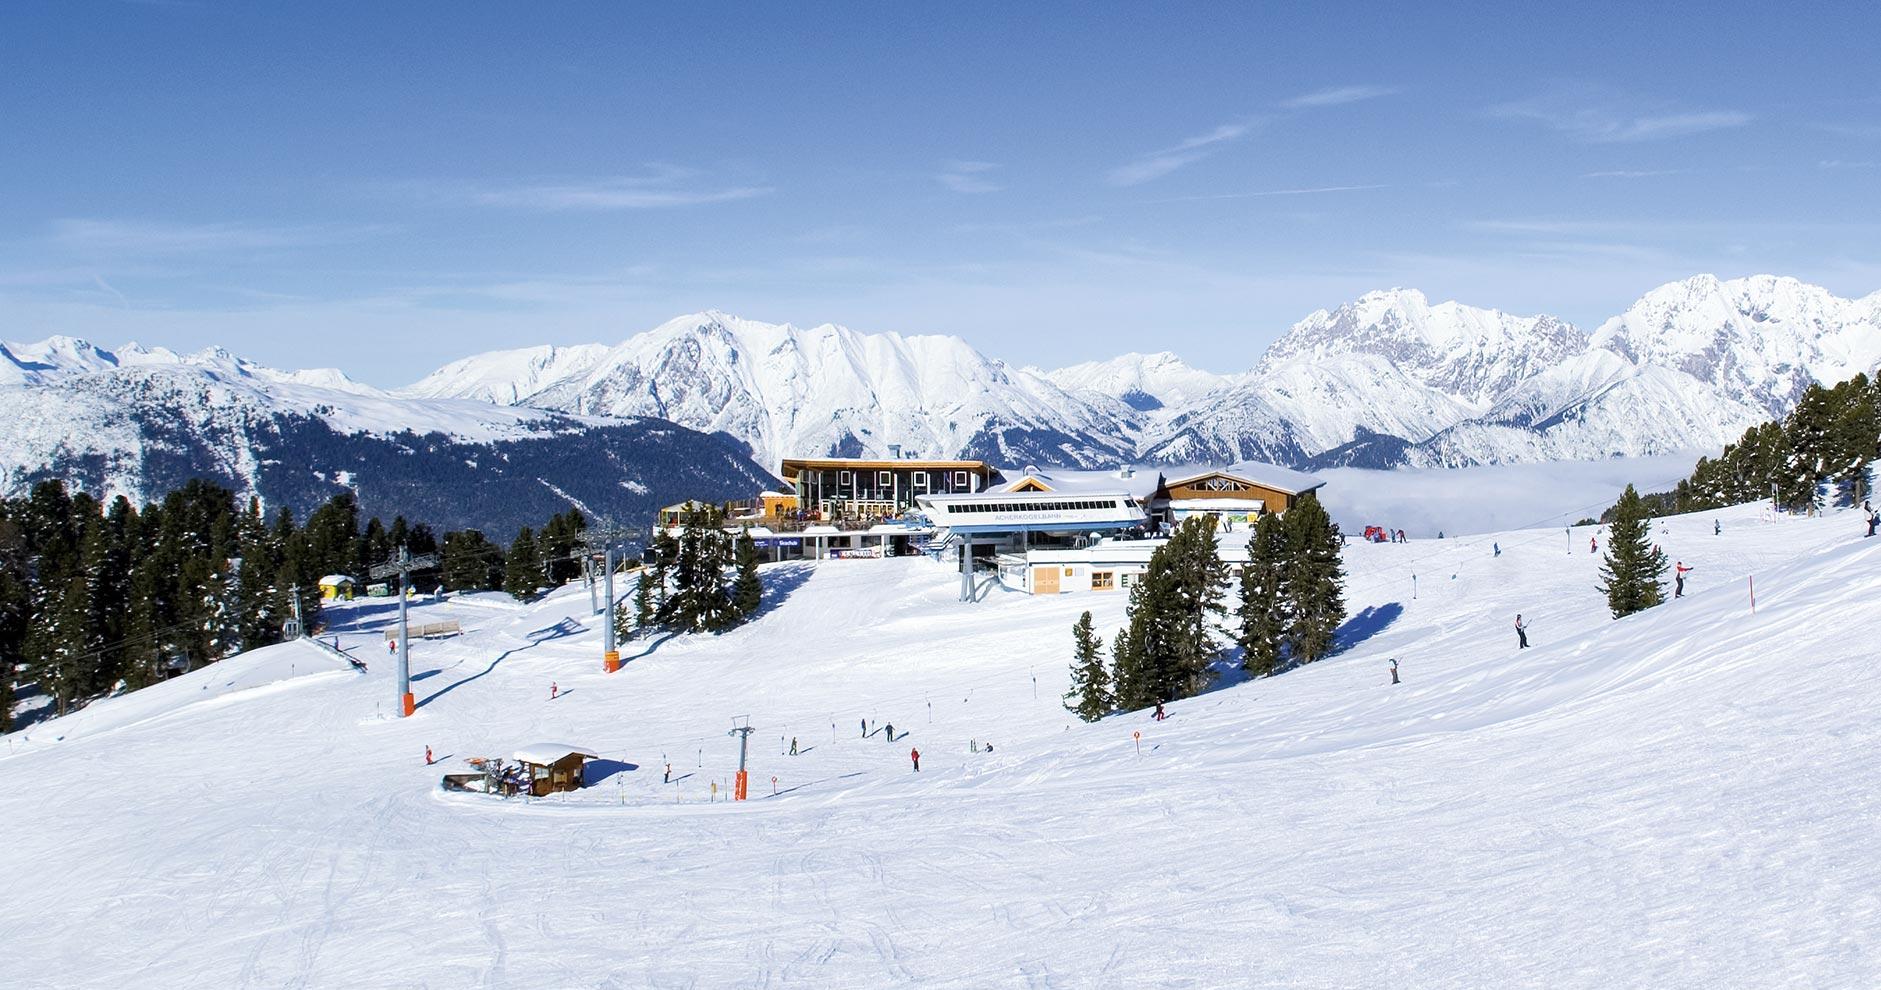 oetz_skigebiet_hochoetz_001